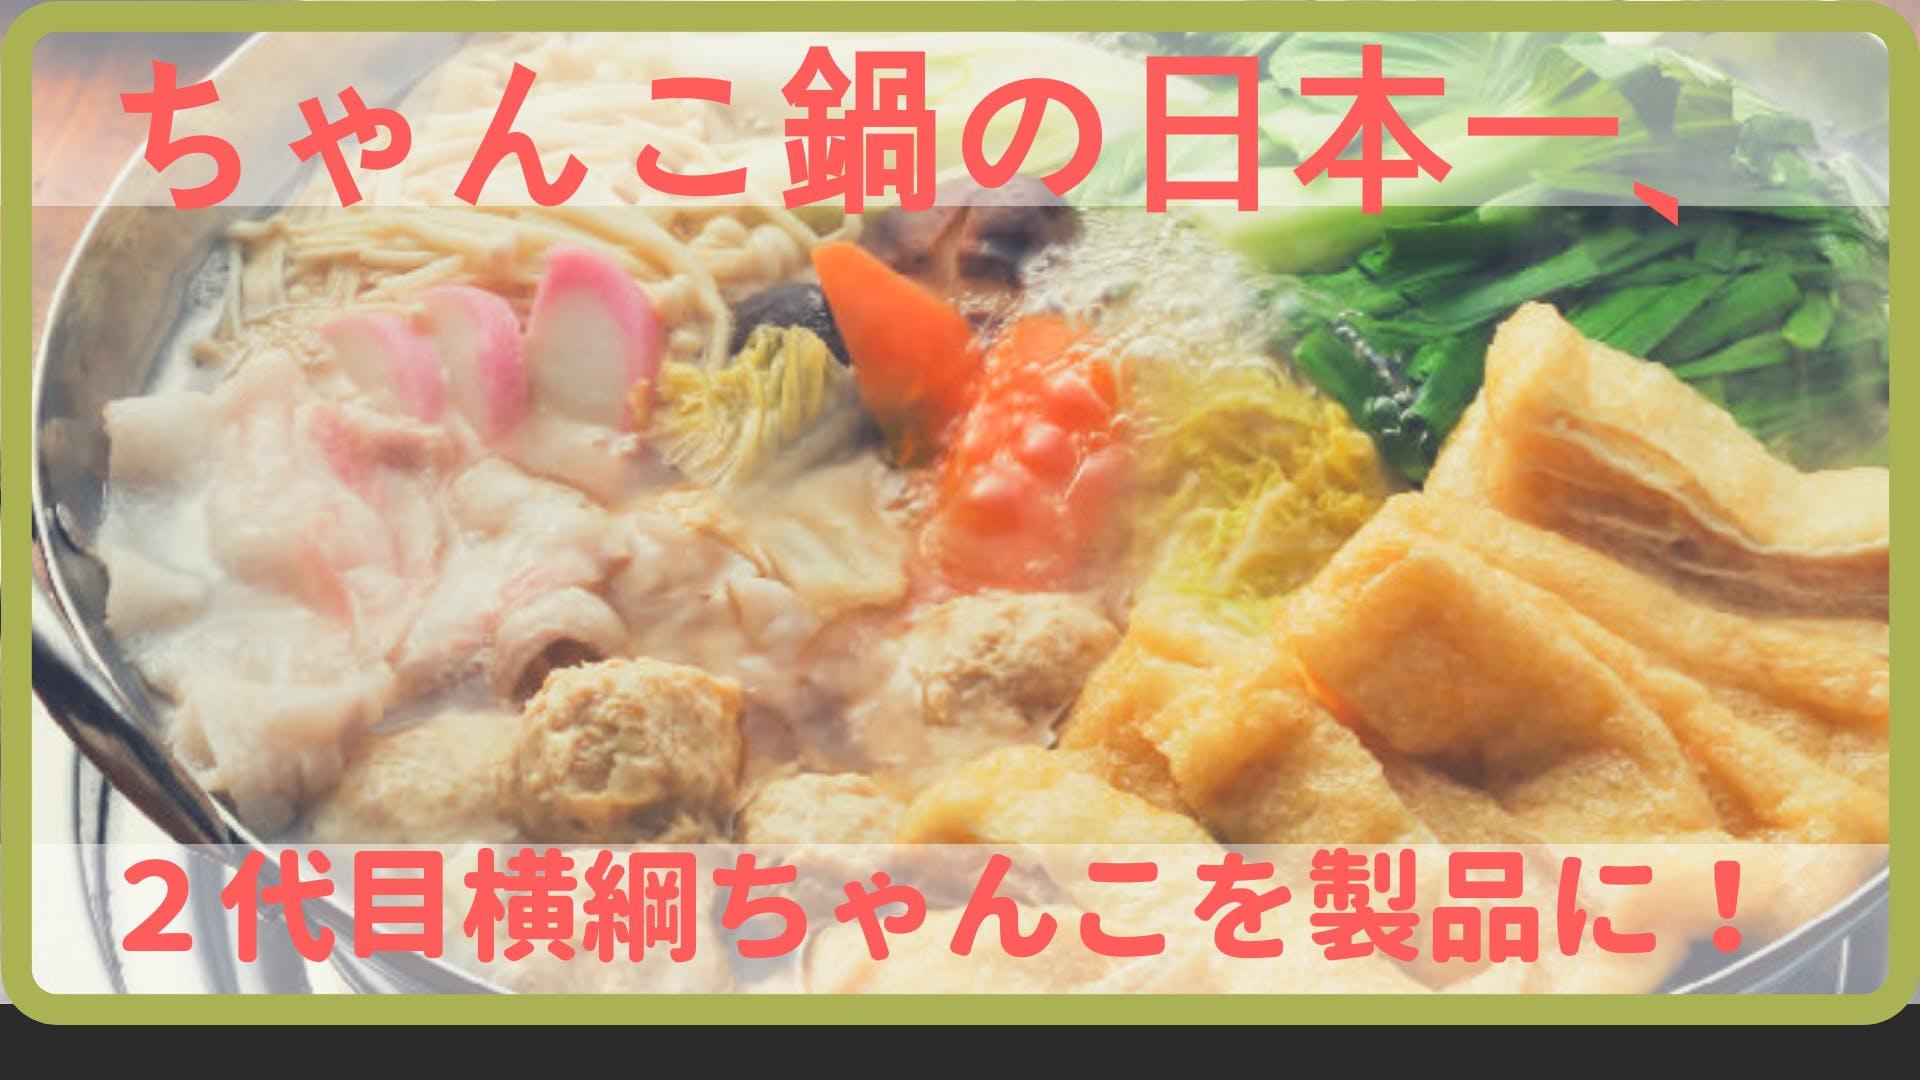 ちゃんこ鍋の日本一 2代目横綱ちゃんこを製品に